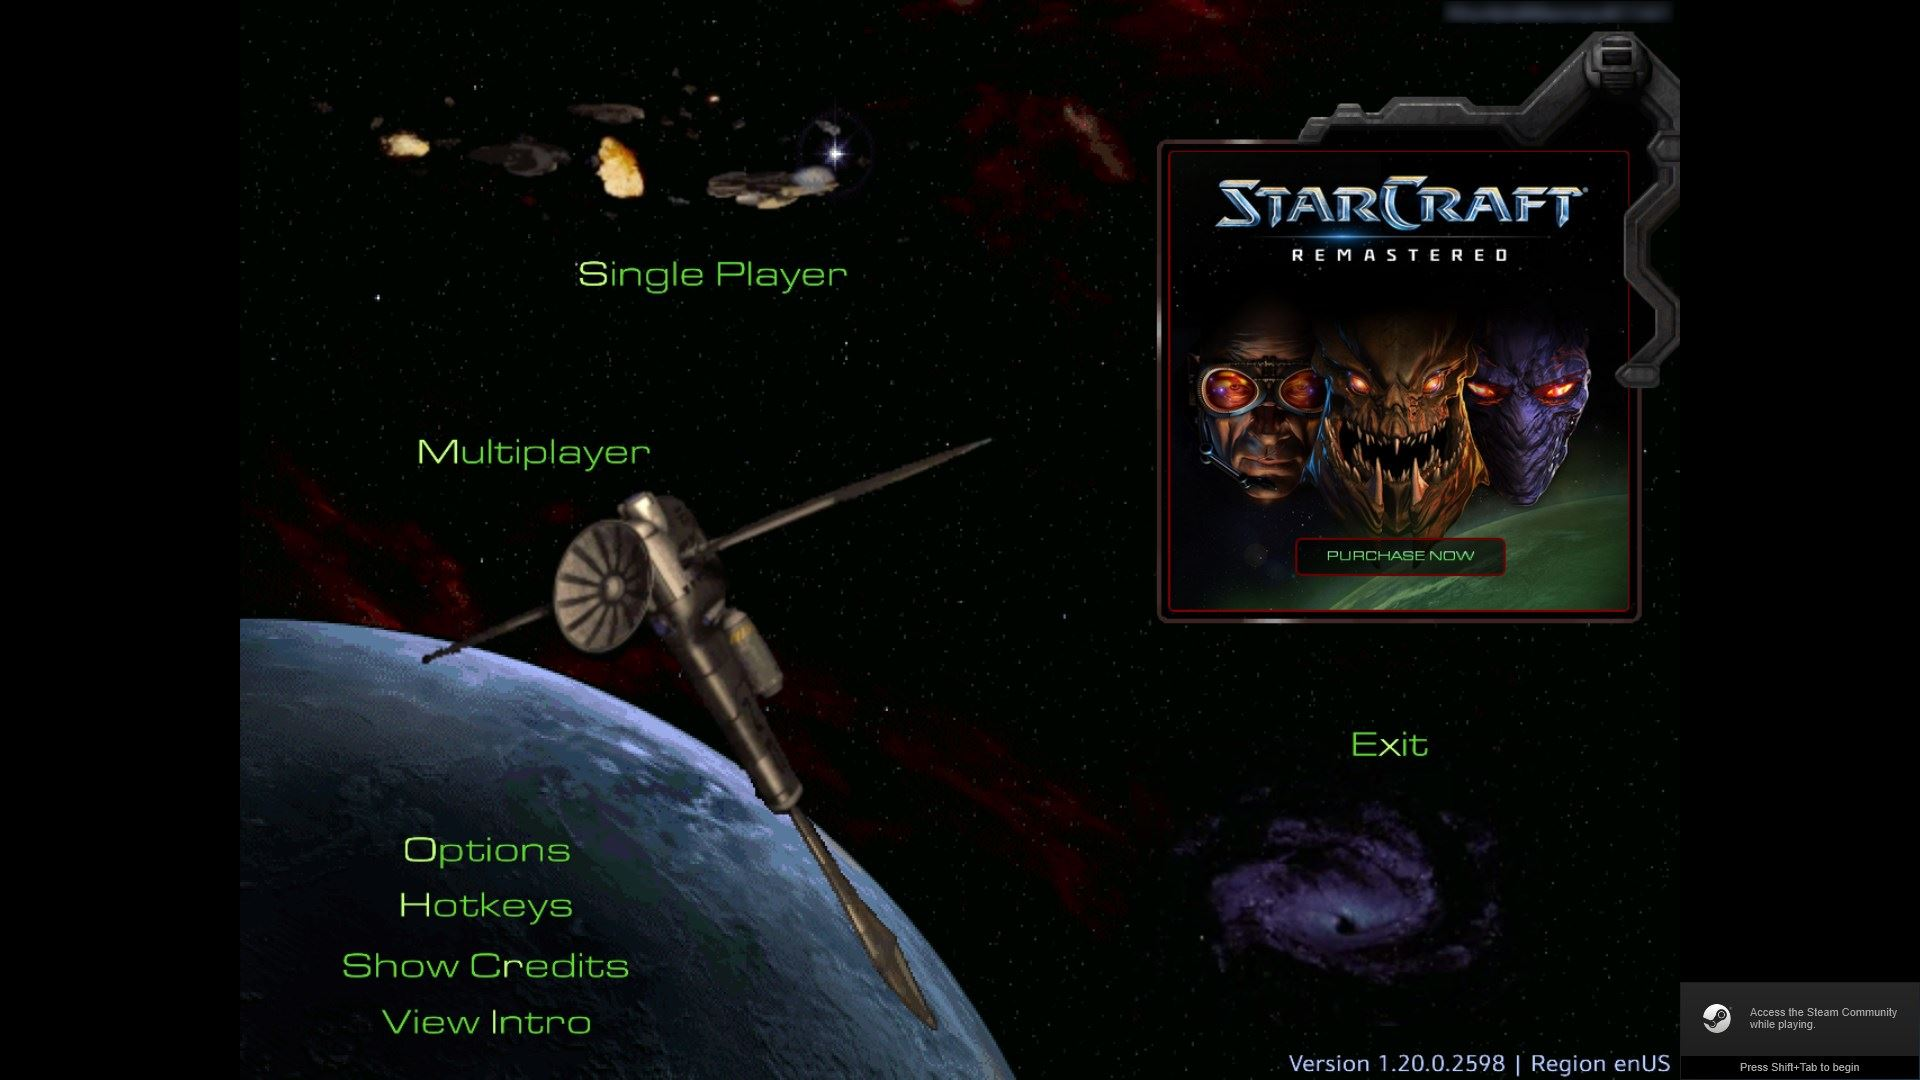 Steam Community :: Guide :: Run Games from Battlenet